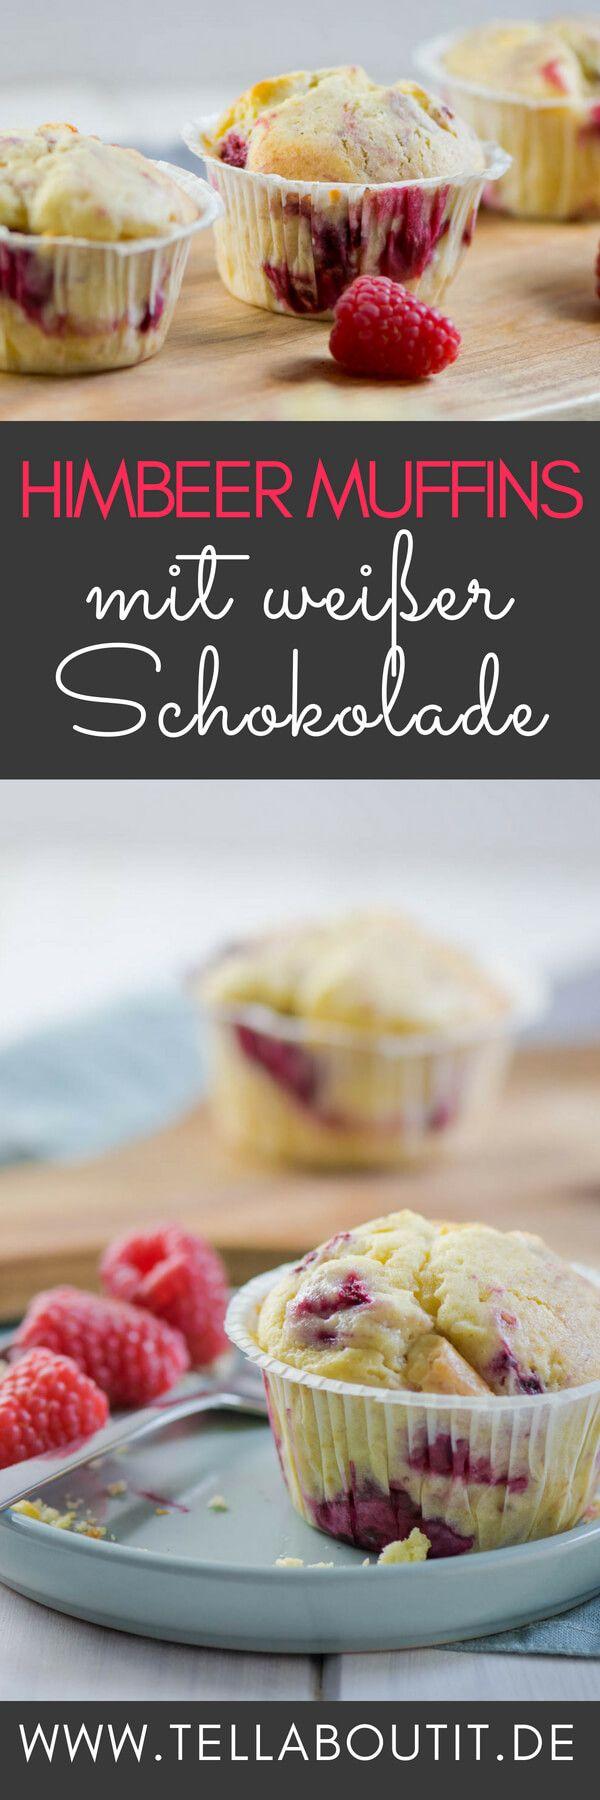 Weiße Schokolade Muffins mit Himbeeren #starbuckscake